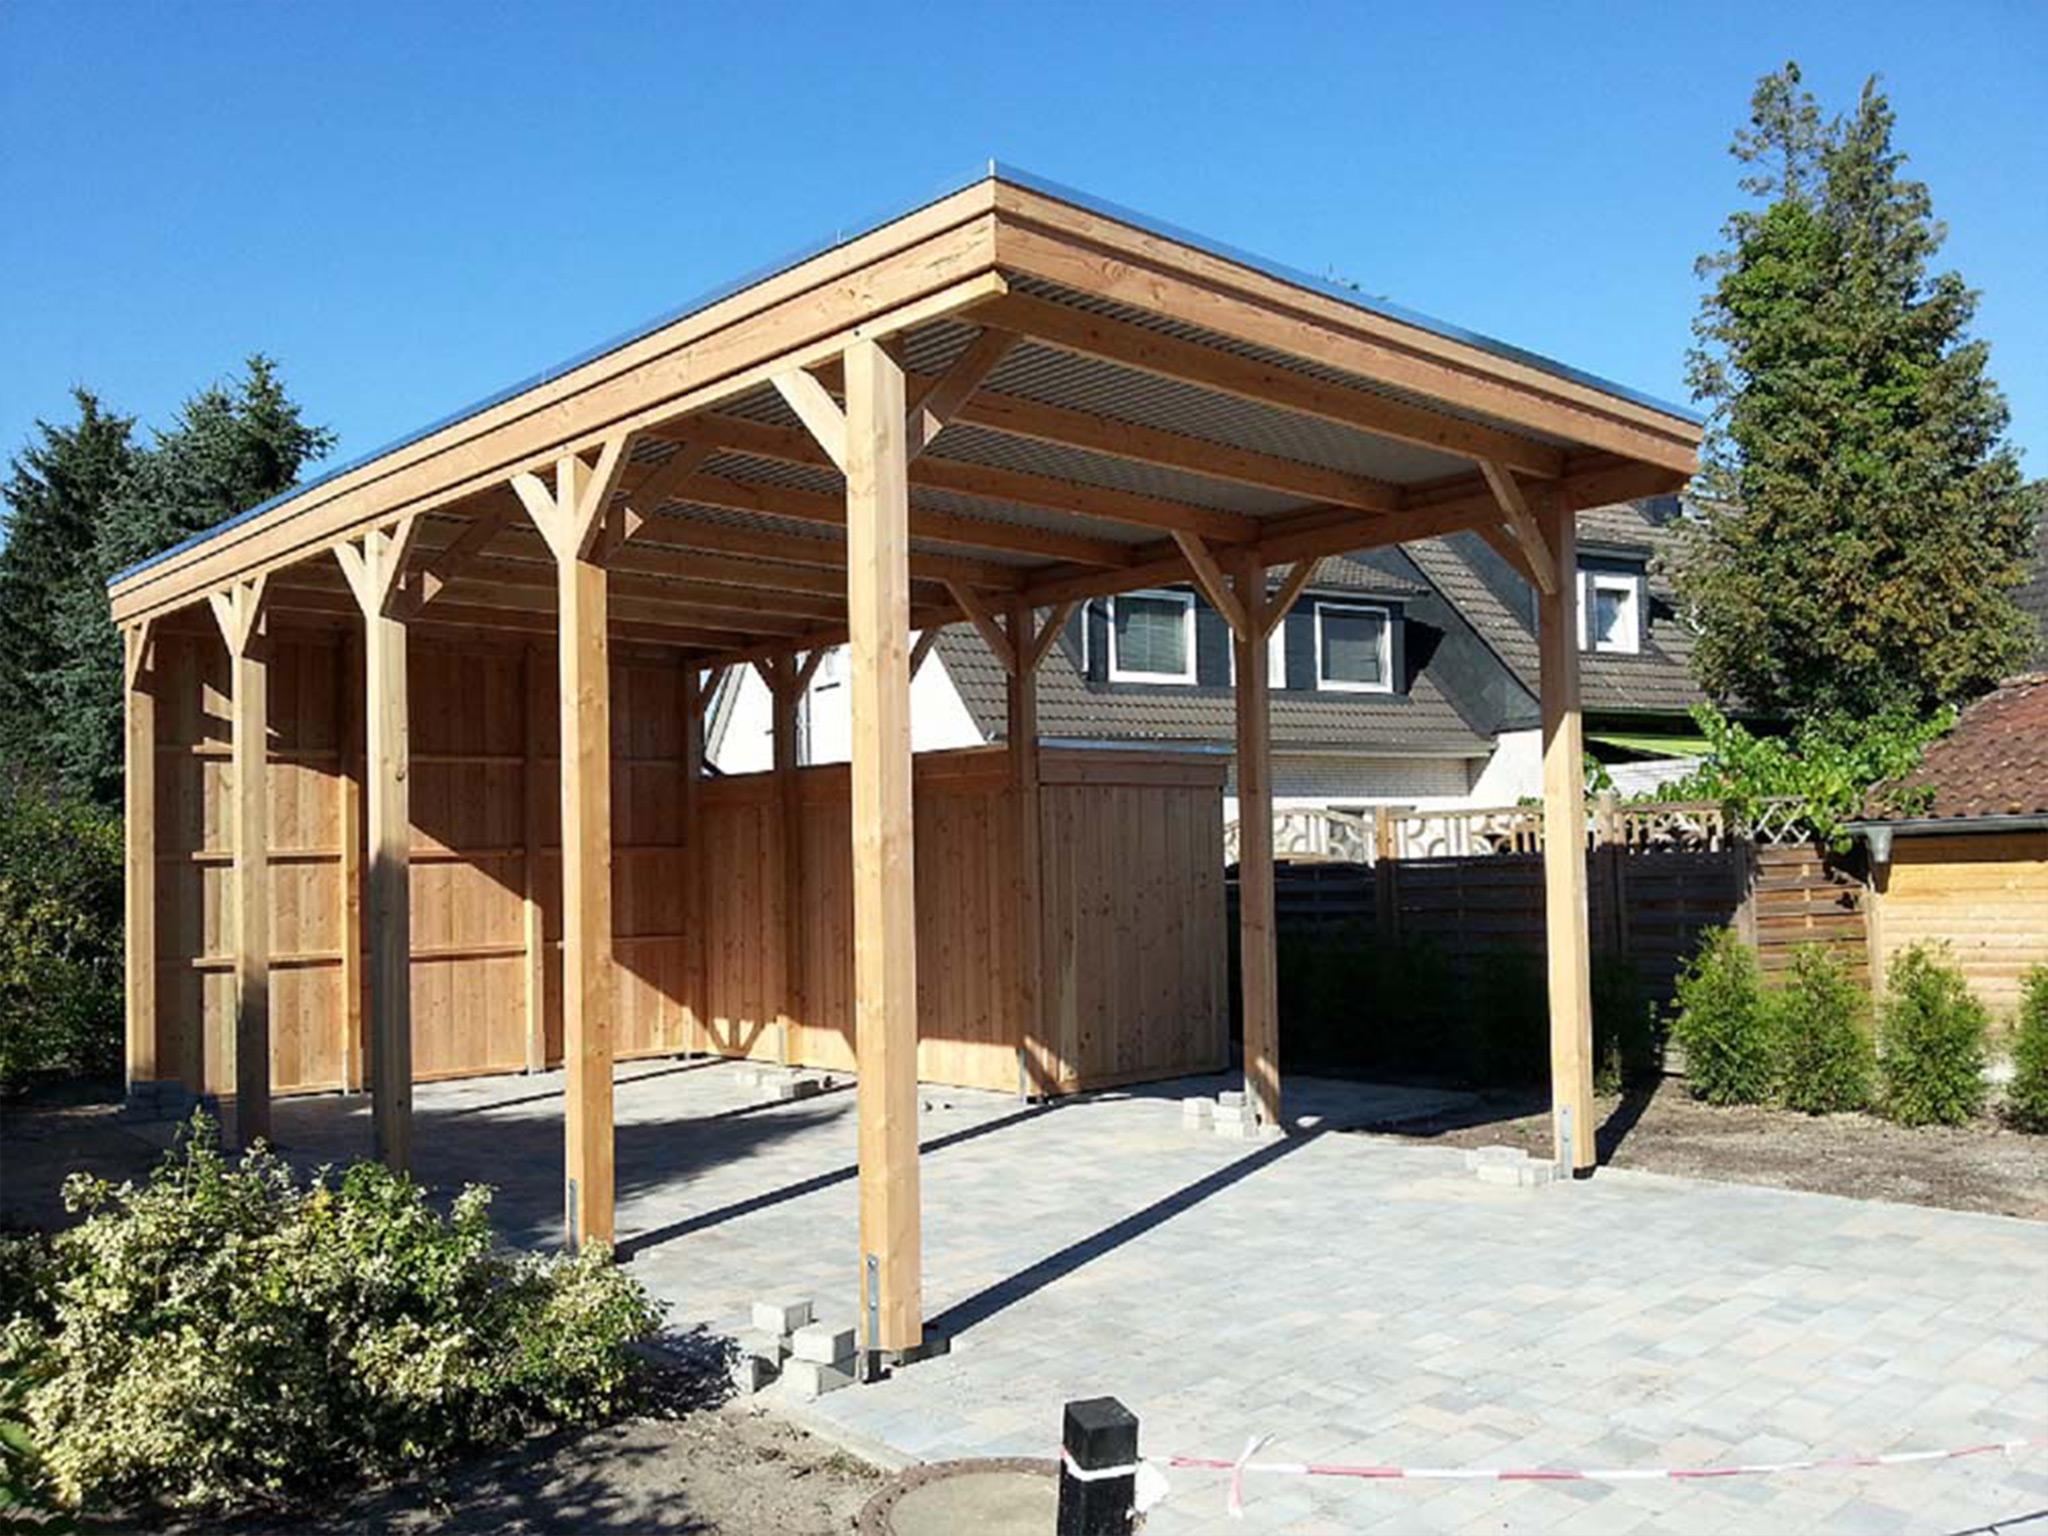 Wohnmobil-Carport mit Holzblende, Rückwand und seitlich Schuppen